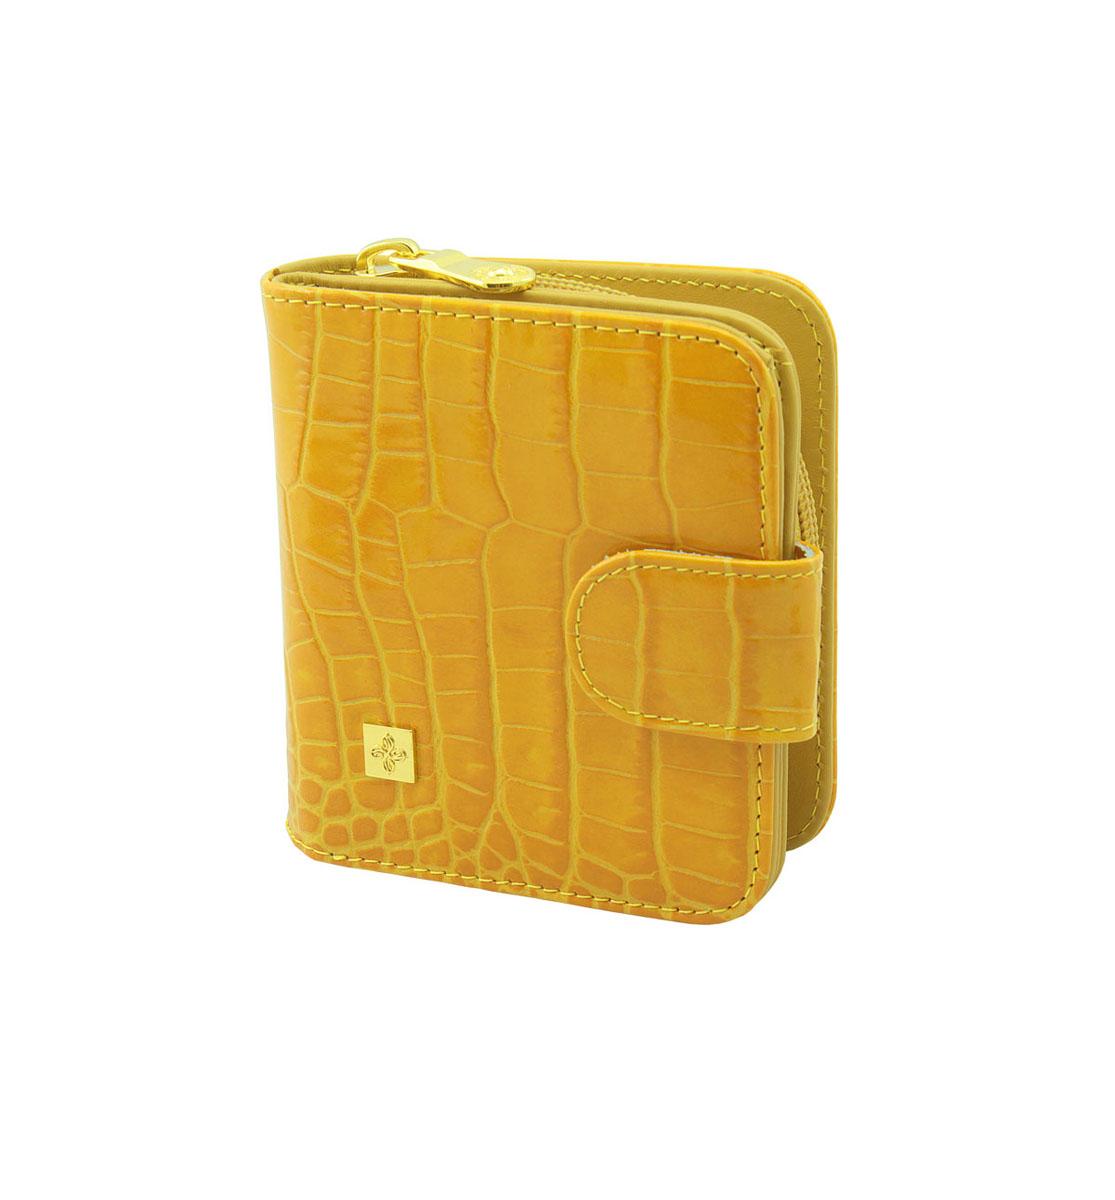 Кошелек женский Dimanche Янтарь, цвет: янтарный. 148148Женский кошелек Dimanche Янтарь выполнен из натуральной кожи янтарного цвета с тиснением под рептилию и оформлен декоративным элементом золотистого цвета. Состоит из двух отделений. В первом, закрывающемся на кнопку хлястиком, имеется два отделения для купюр и восемь кармашков для кредитных карт или визиток, два из которых - потайные. Второе отделение для мелочи закрывается на застежку-молнию, внутри содержится перегородка. Такой кошелек станет отличным подарком для человека, ценящего качественные и стильные вещи. Кошелек упакован в фирменную подарочную коробку.